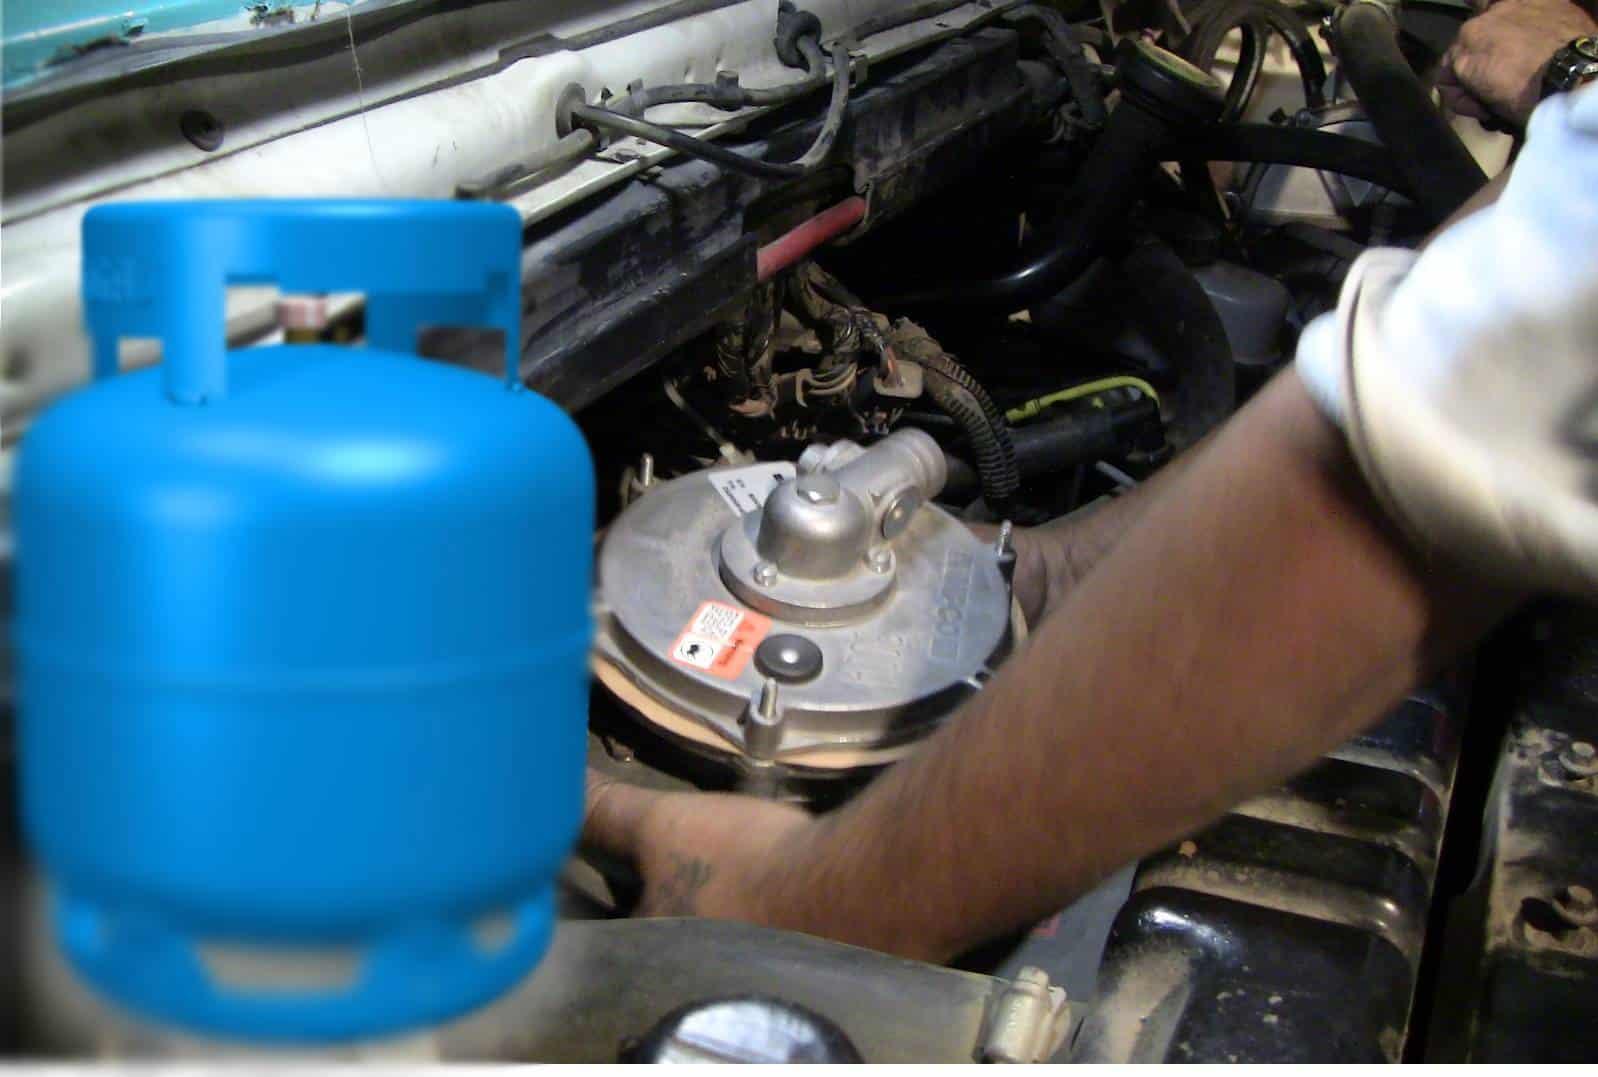 Novo Projeto aprovado autoriza uso de gás de cozinha como combustível de carro